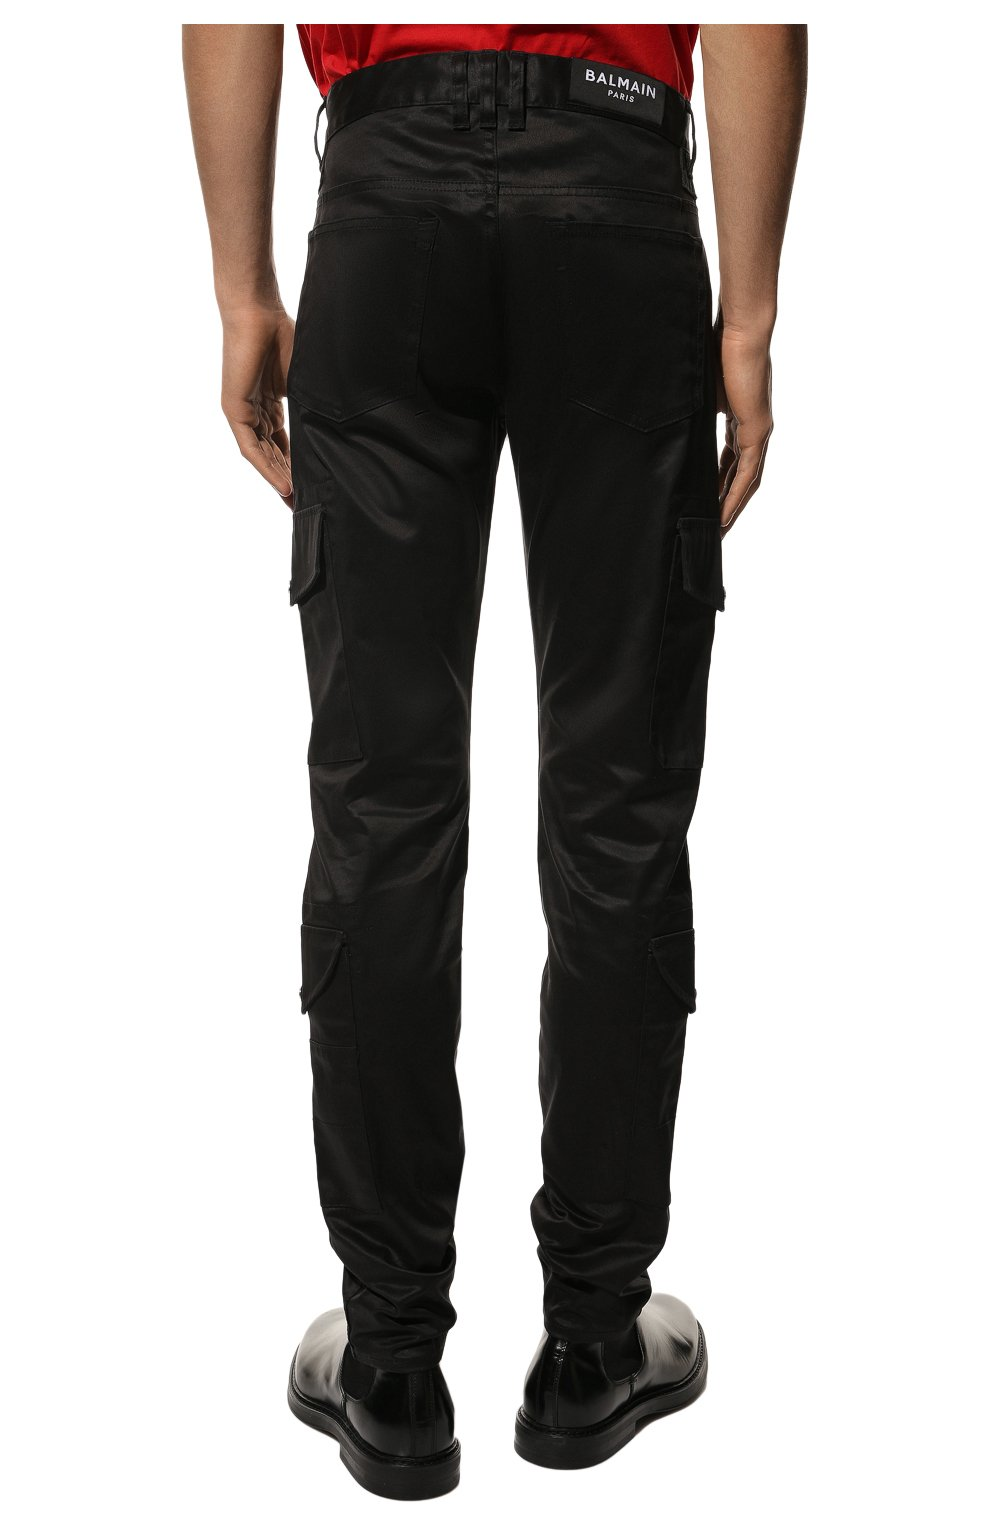 Мужские хлопковые брюки-карго BALMAIN черного цвета, арт. UH15377/Z043 | Фото 4 (Силуэт М (брюки): Карго; Длина (брюки, джинсы): Стандартные; Случай: Повседневный; Стили: Панк; Материал внешний: Хлопок)